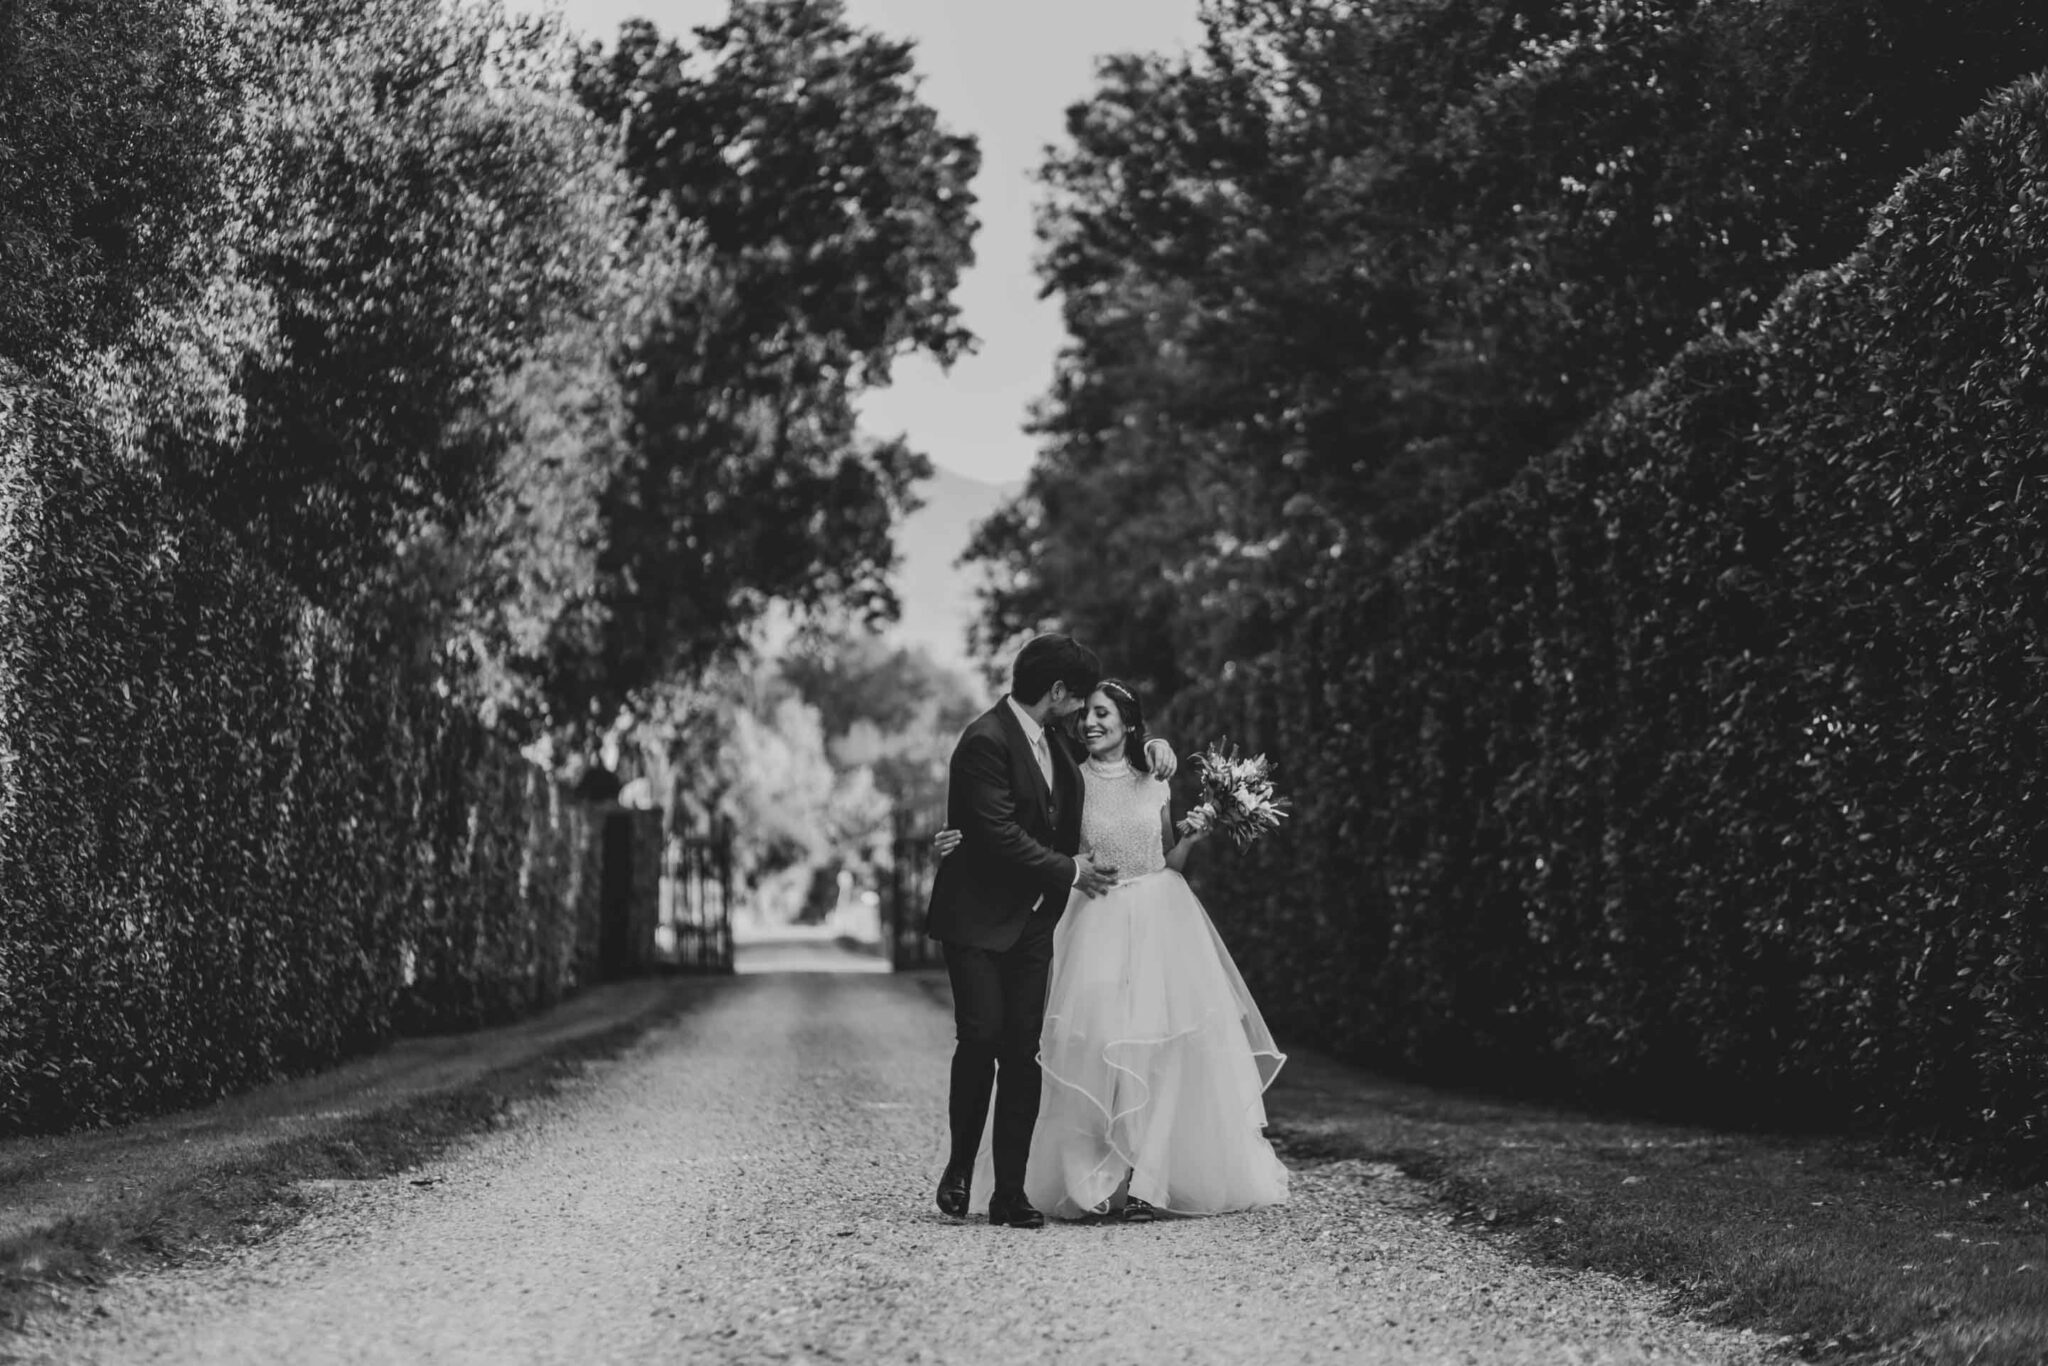 matrimonio in bianco e nero a Villa Grabau